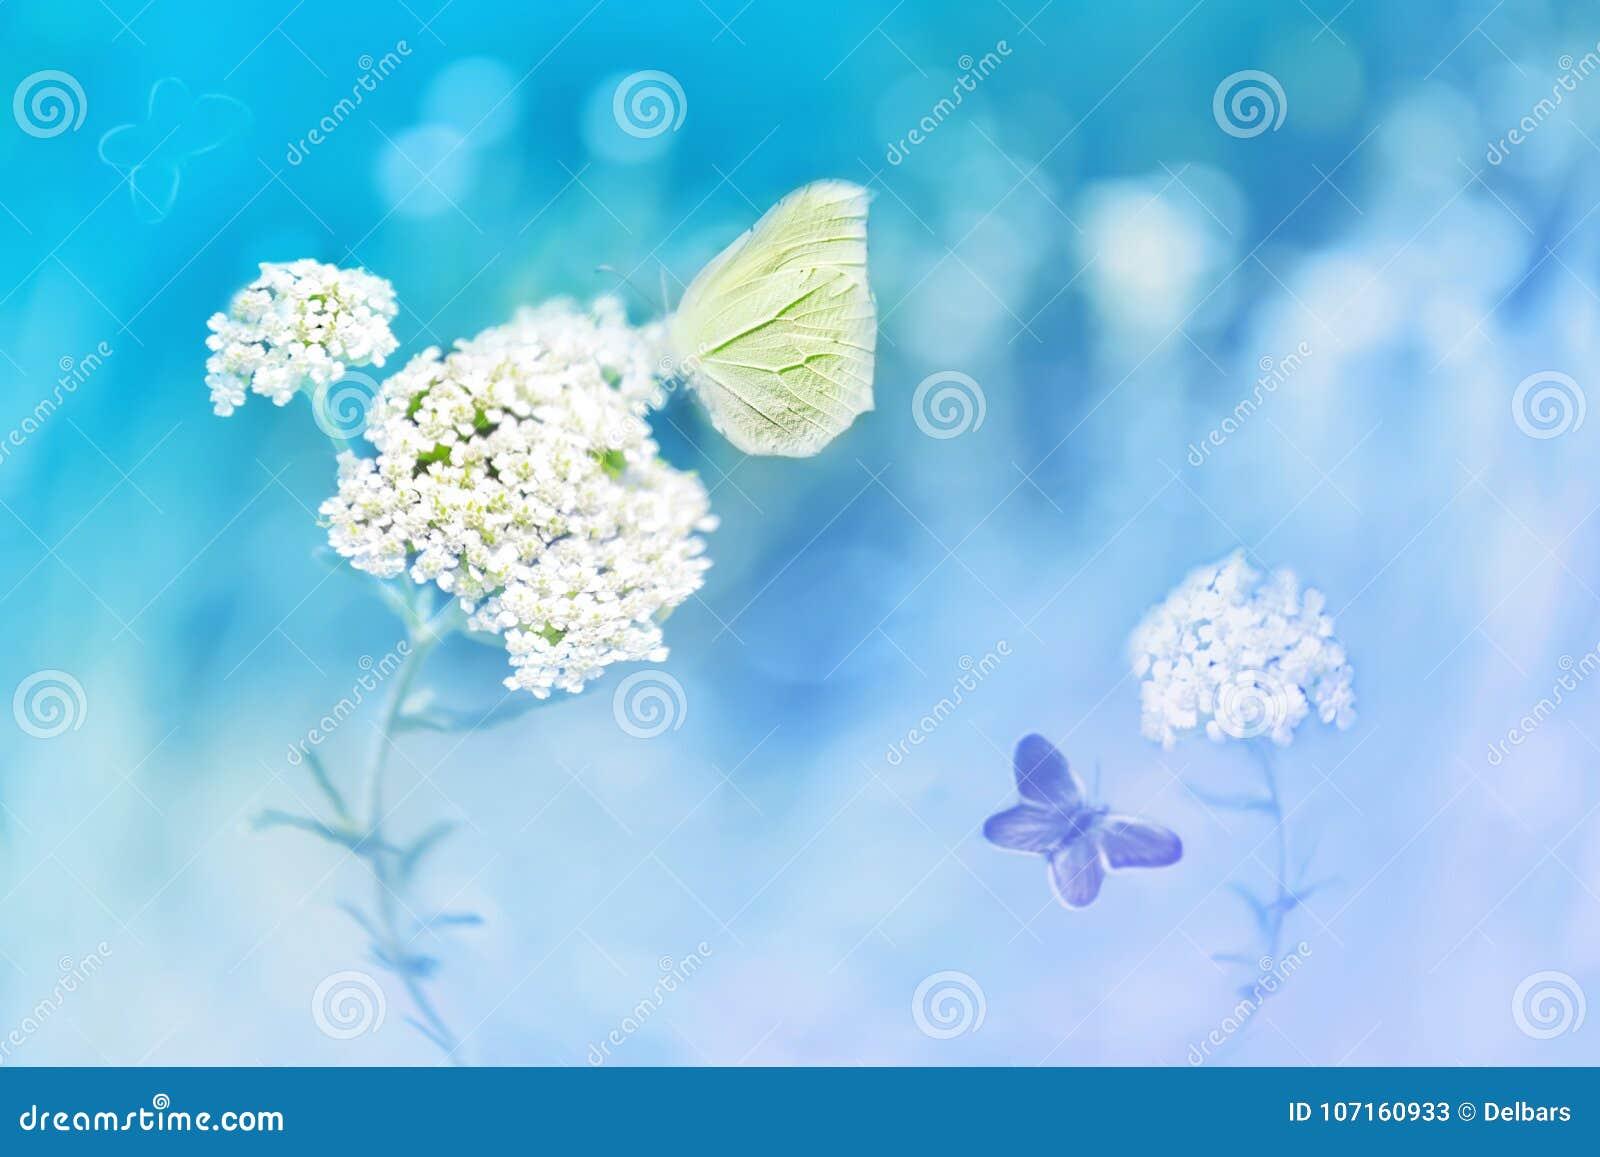 Gele vlinders op de witte bloem tegen een achtergrond van wilde aard in blauwe tonen Artistiek beeld